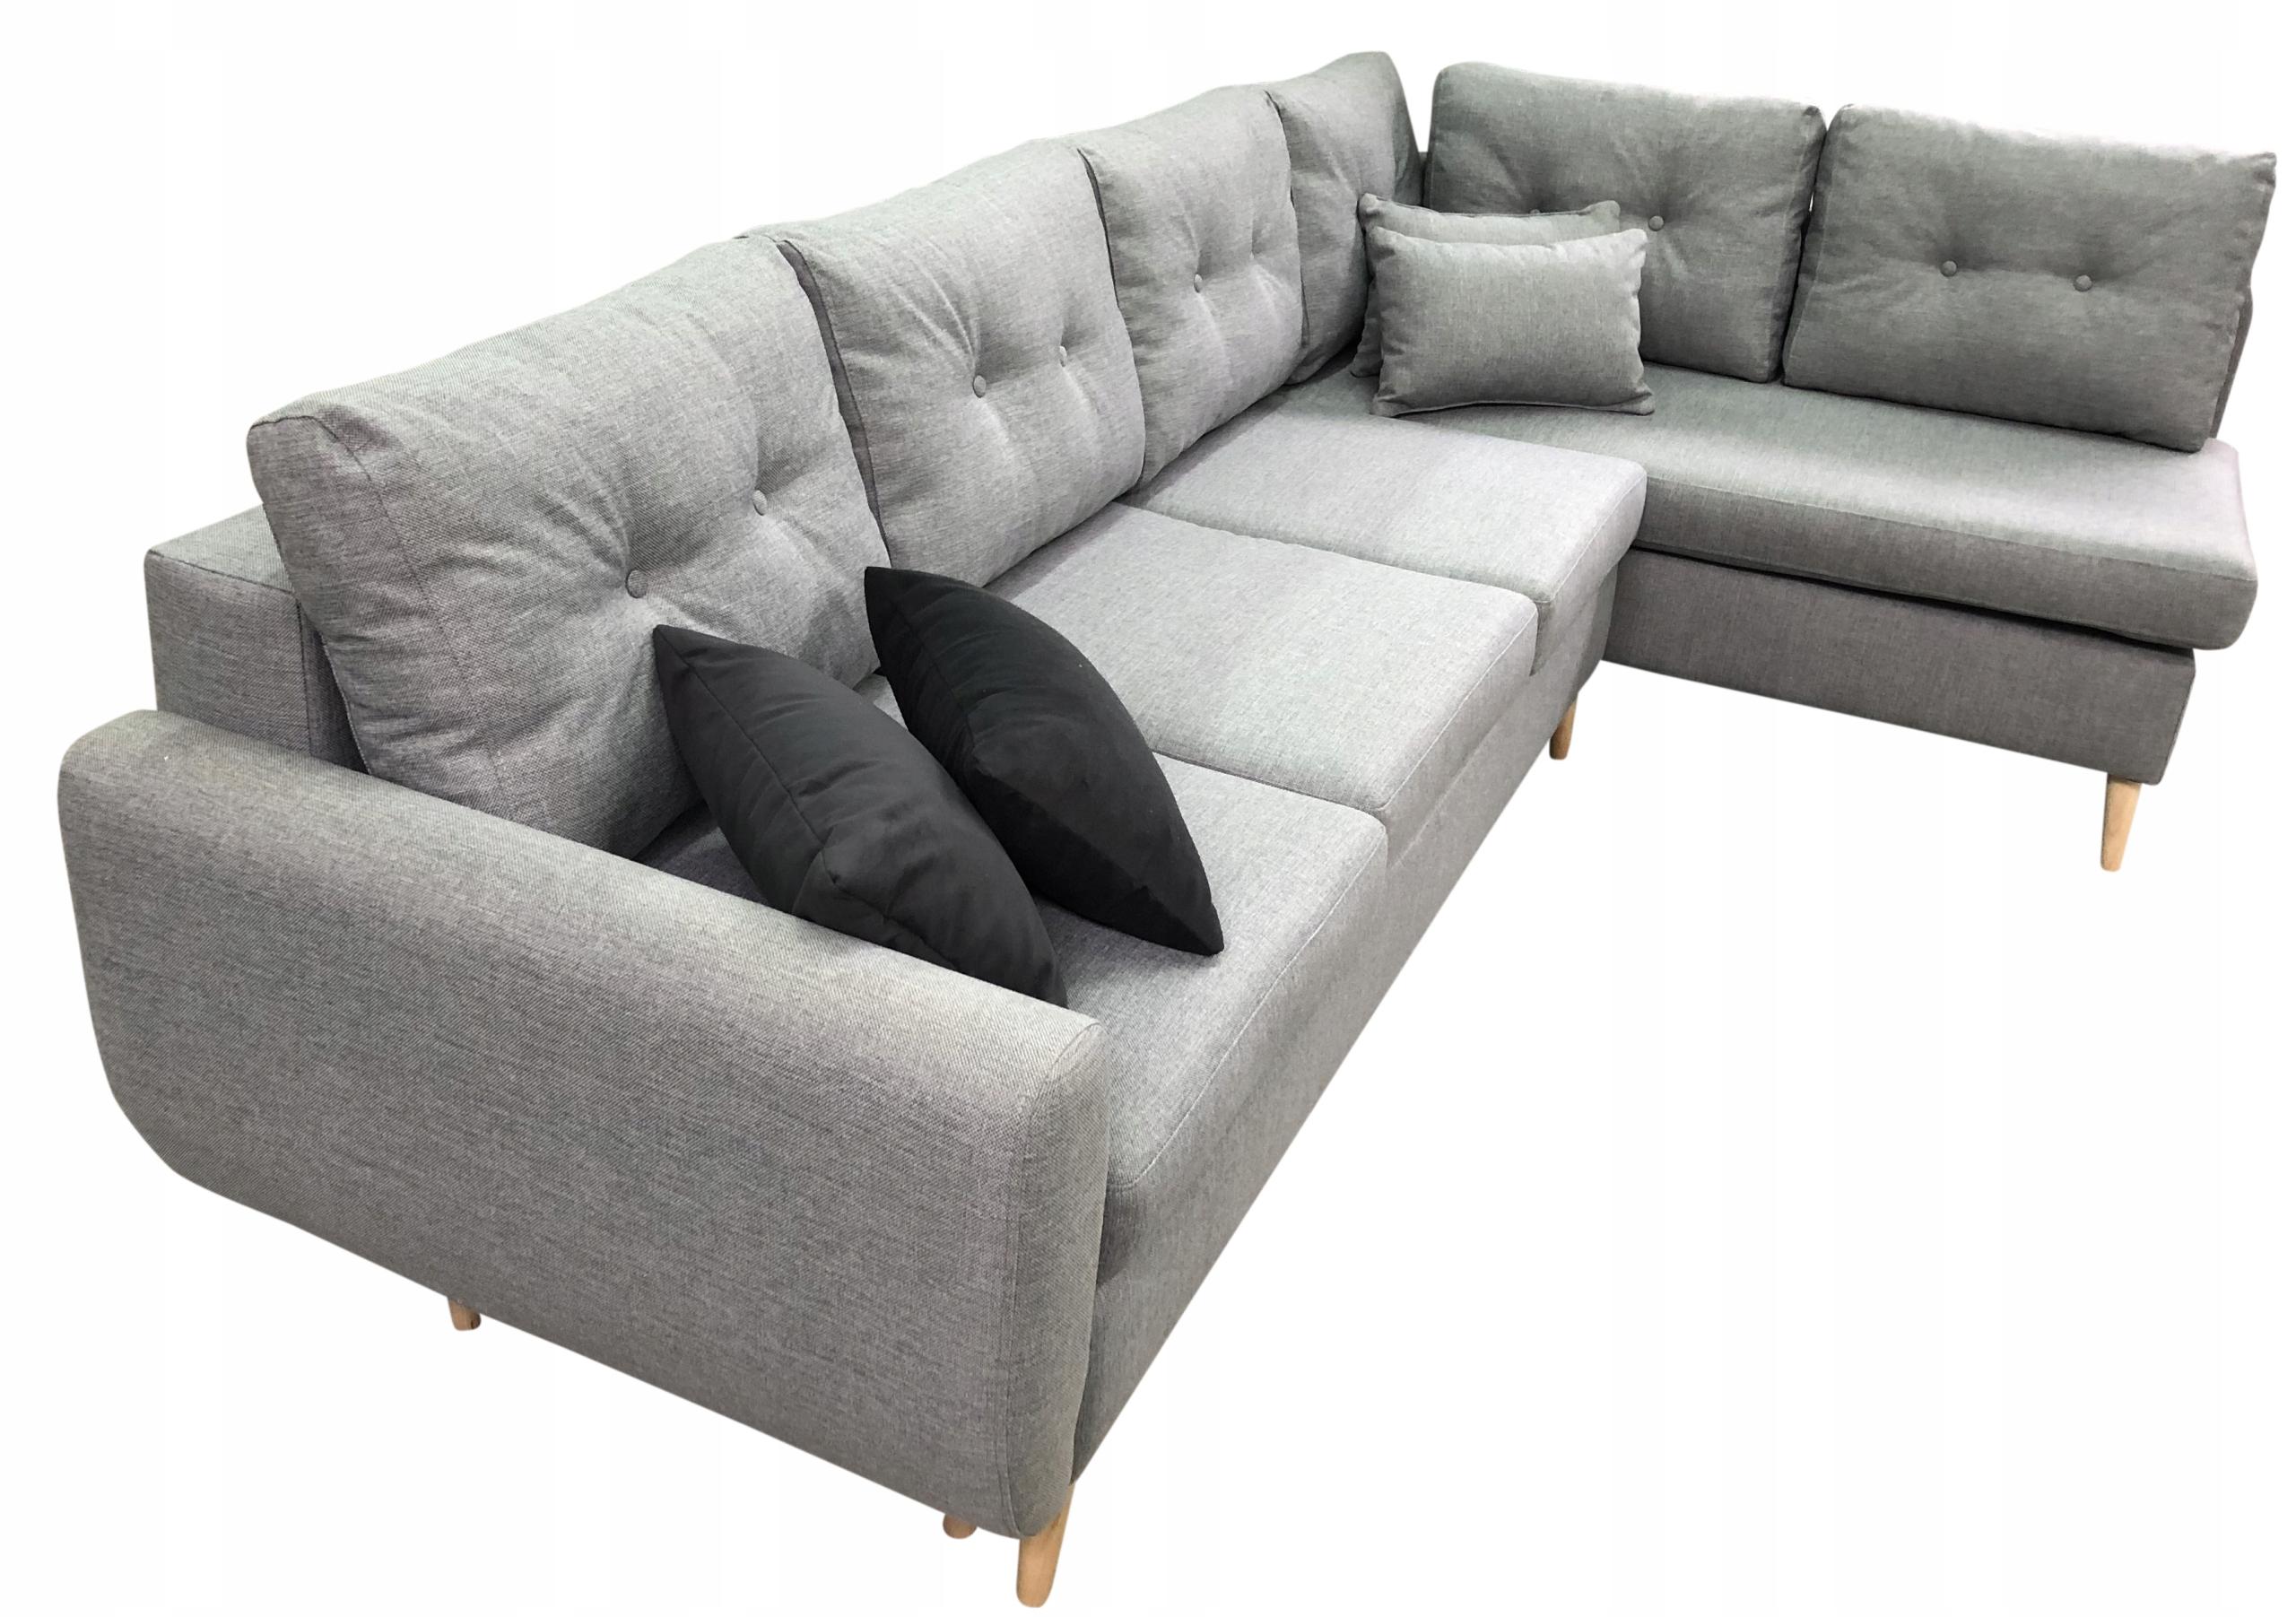 означает только диван модерн угловой фото тем, донецке